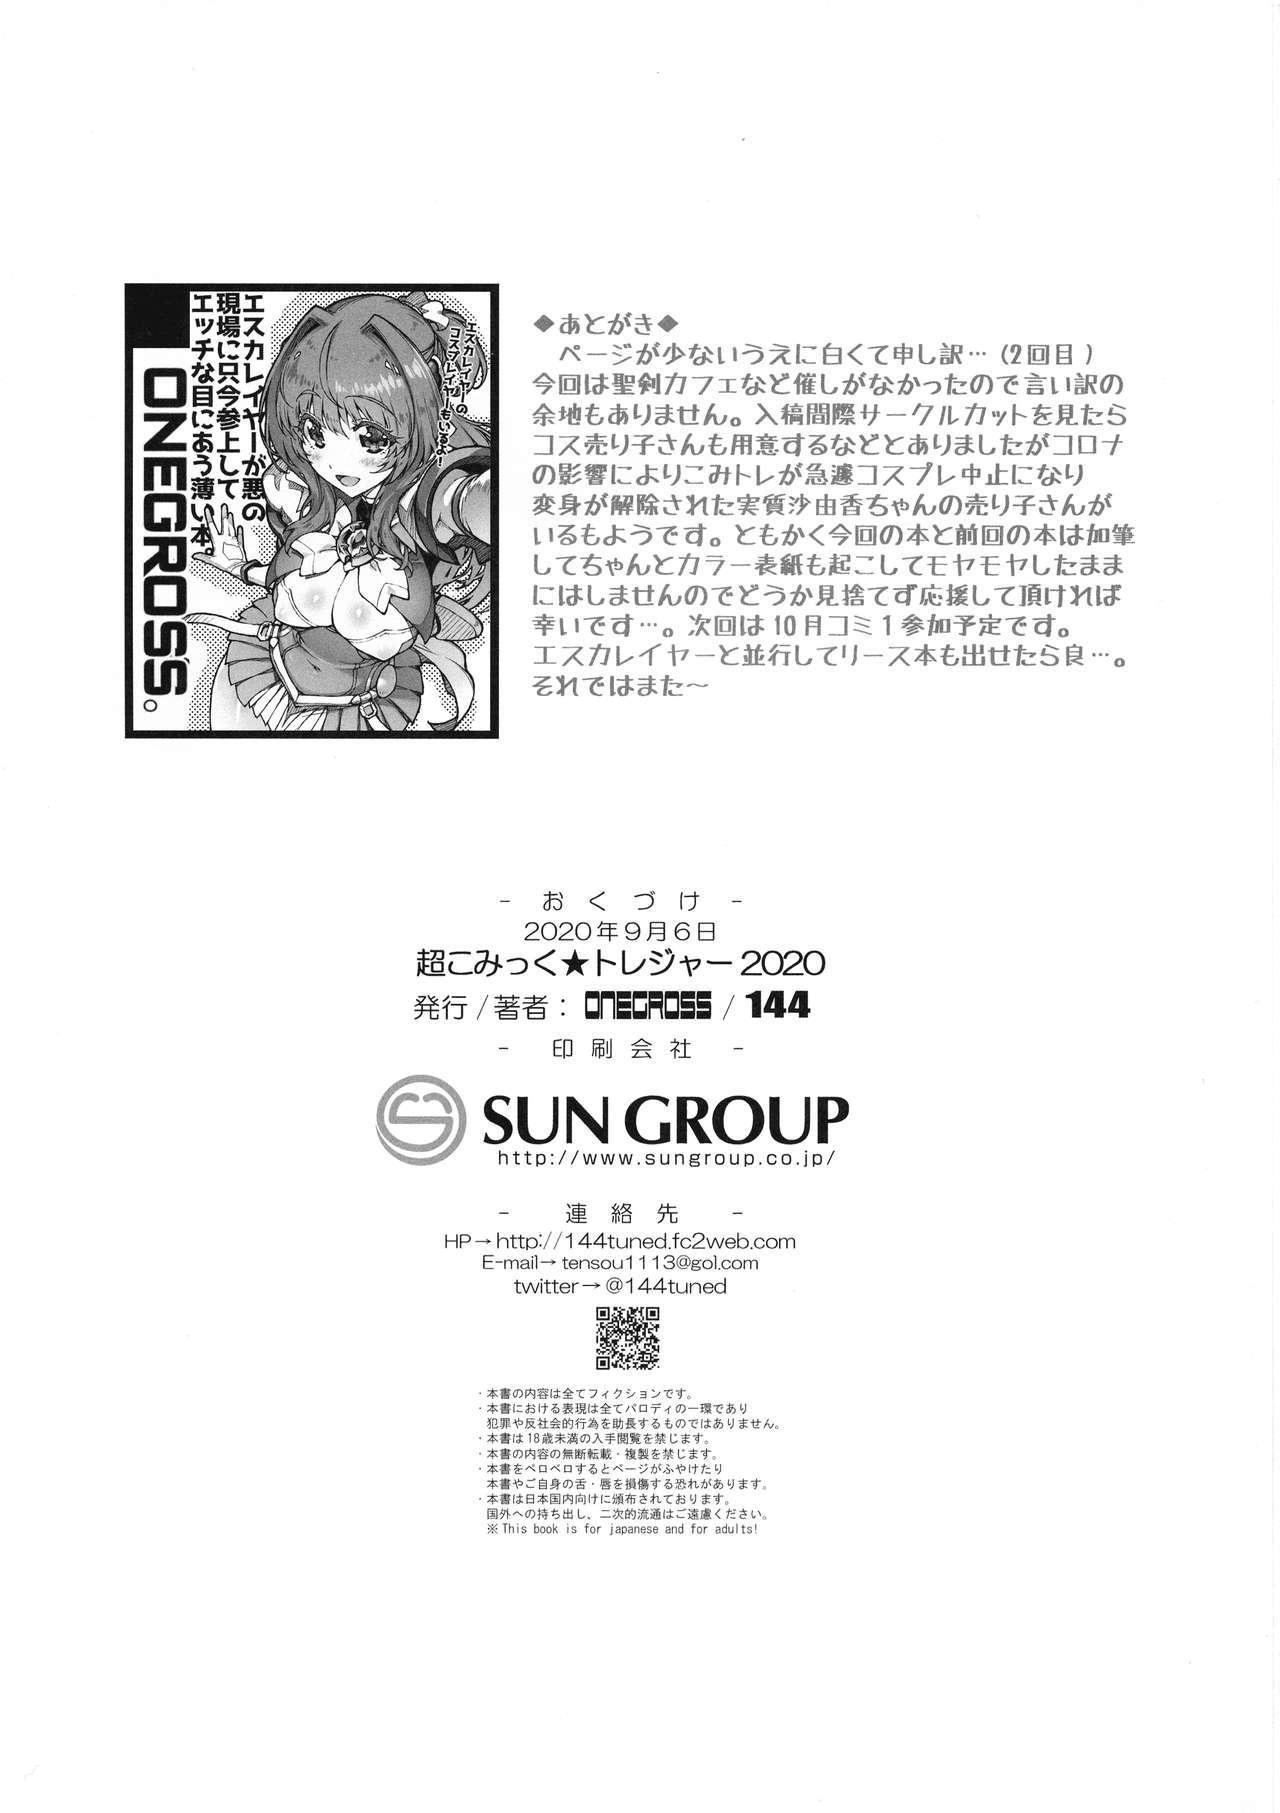 (Chou Comic Treasure 2020) [ONEGROSS (144)] Choukou Inbou -Beat inflation- LV2 (Choukou Tenshi Escalayer) 9